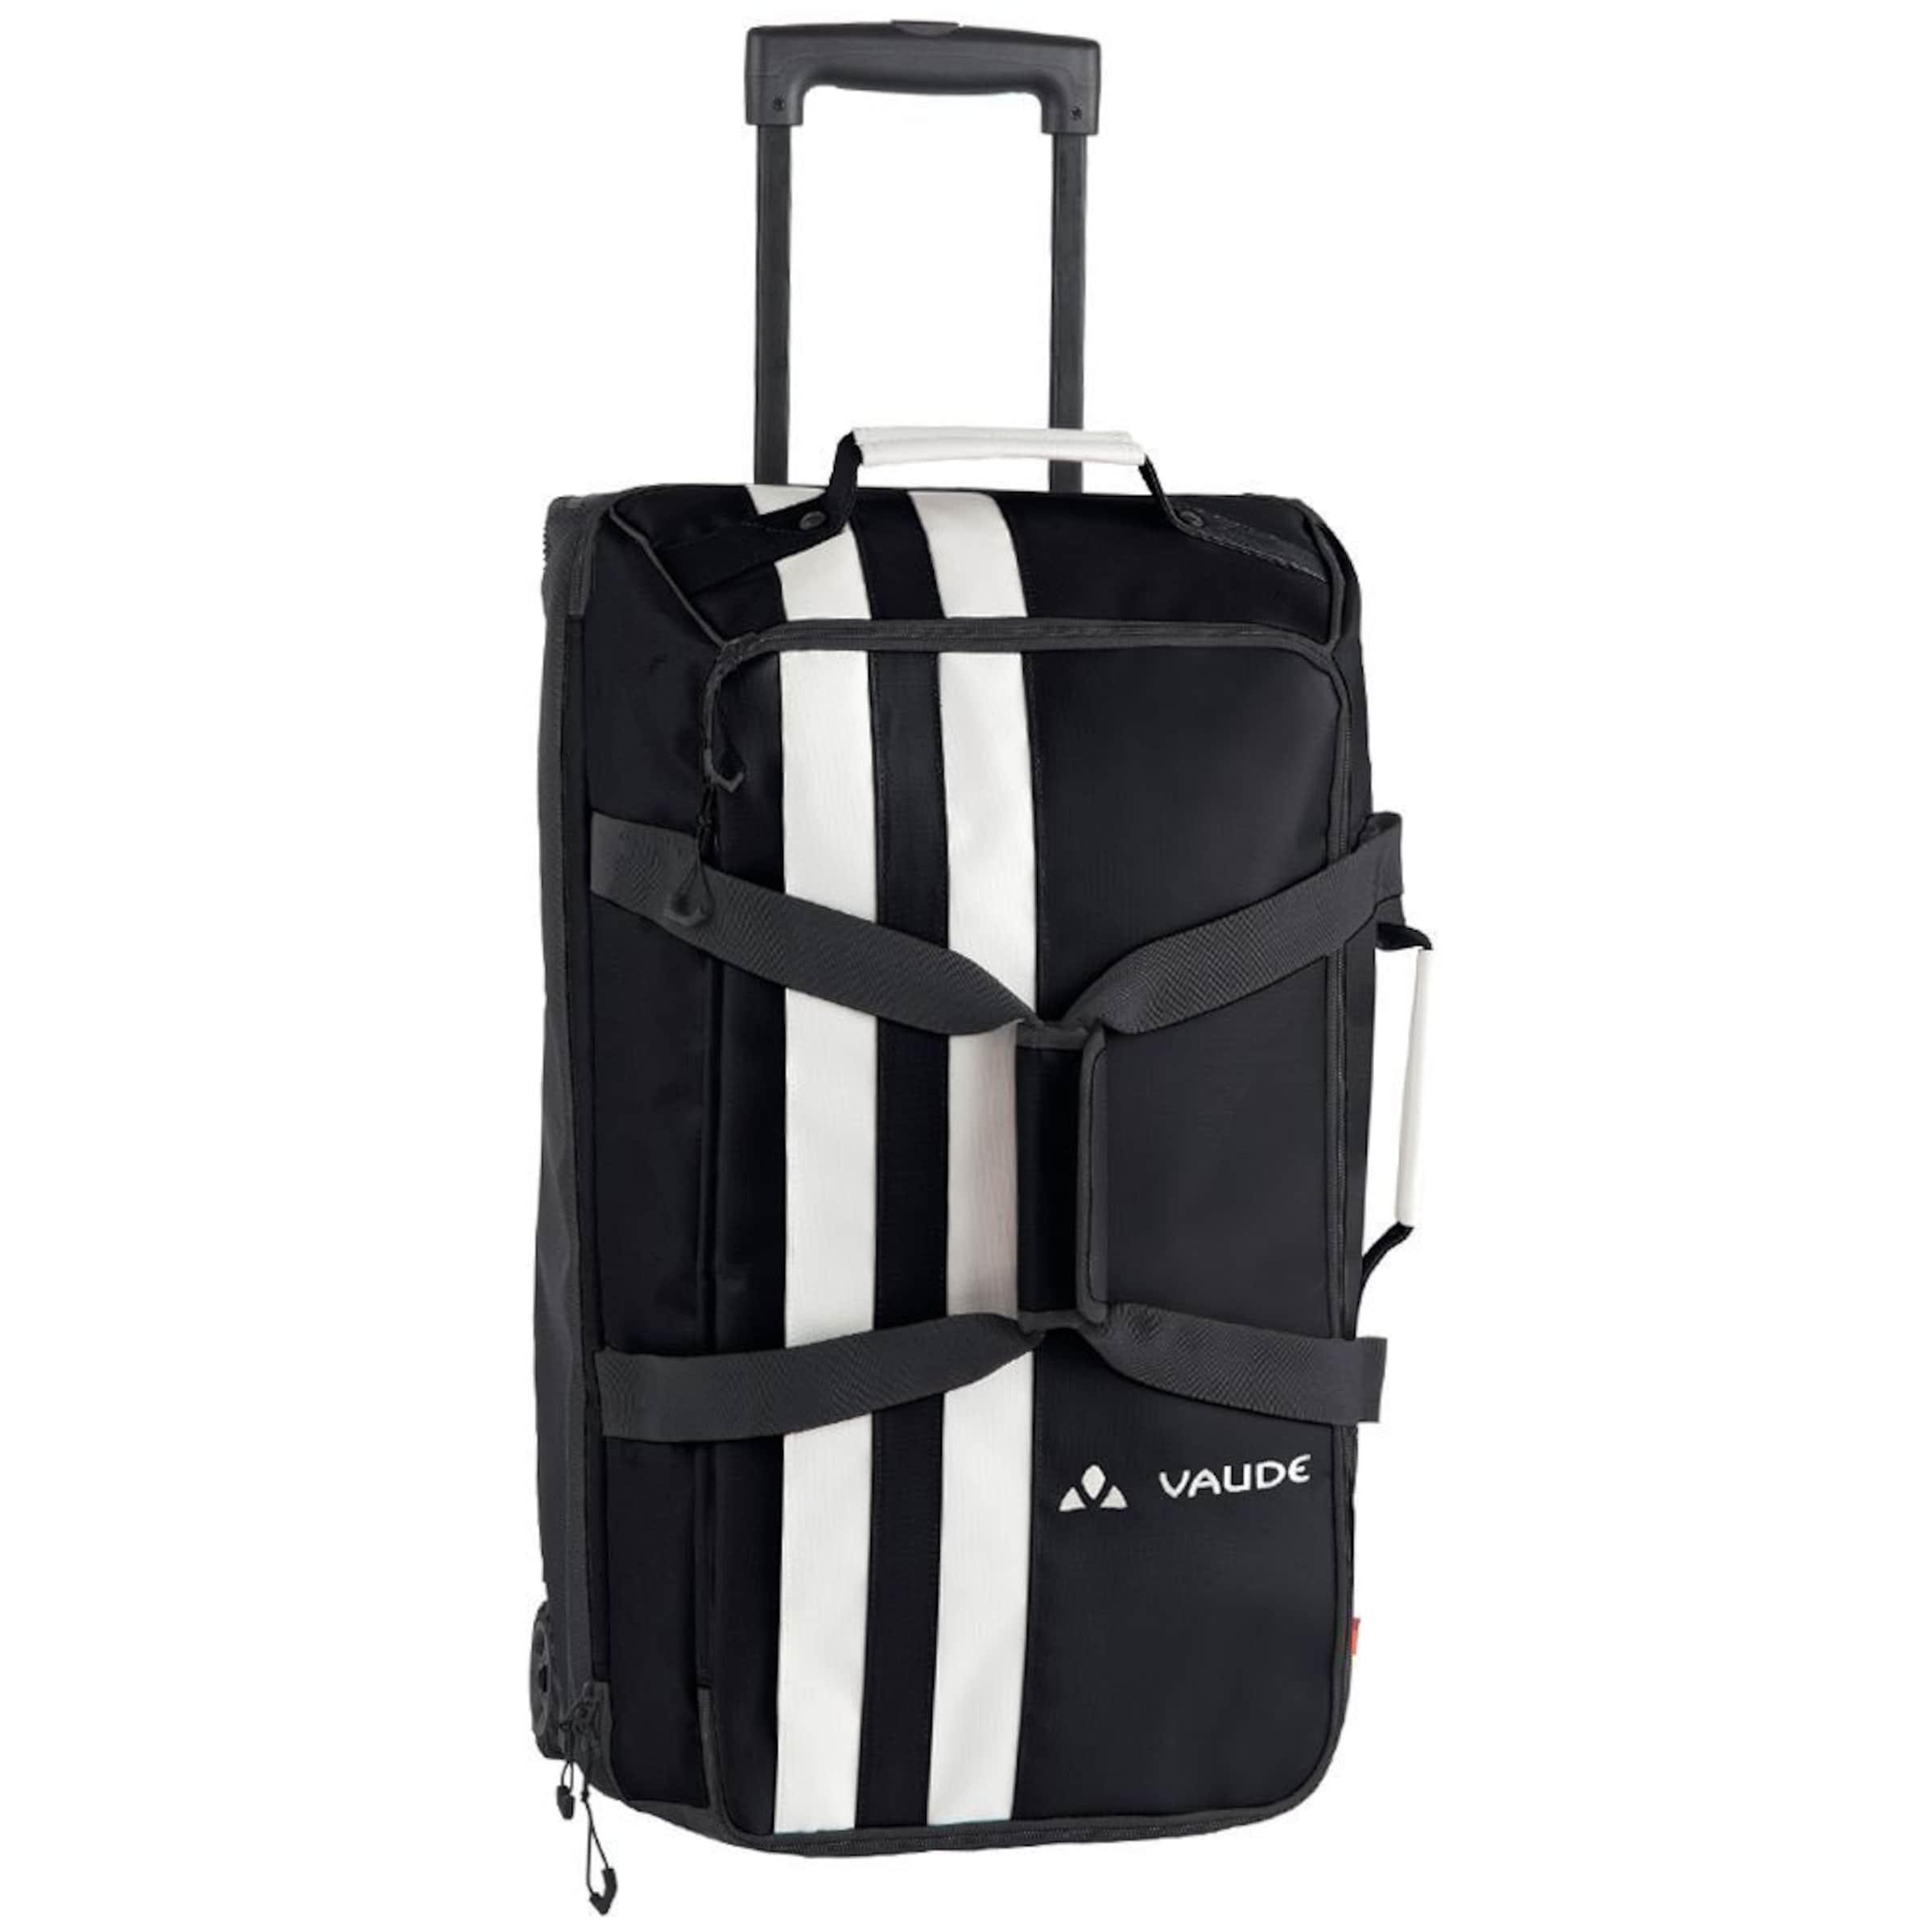 Suche Nach Online Auf Der Suche Nach VAUDE New Islands Tobago 65 2-Rollen Reisetasche 61 cm 2018 Kühl 1zdpgT3mM